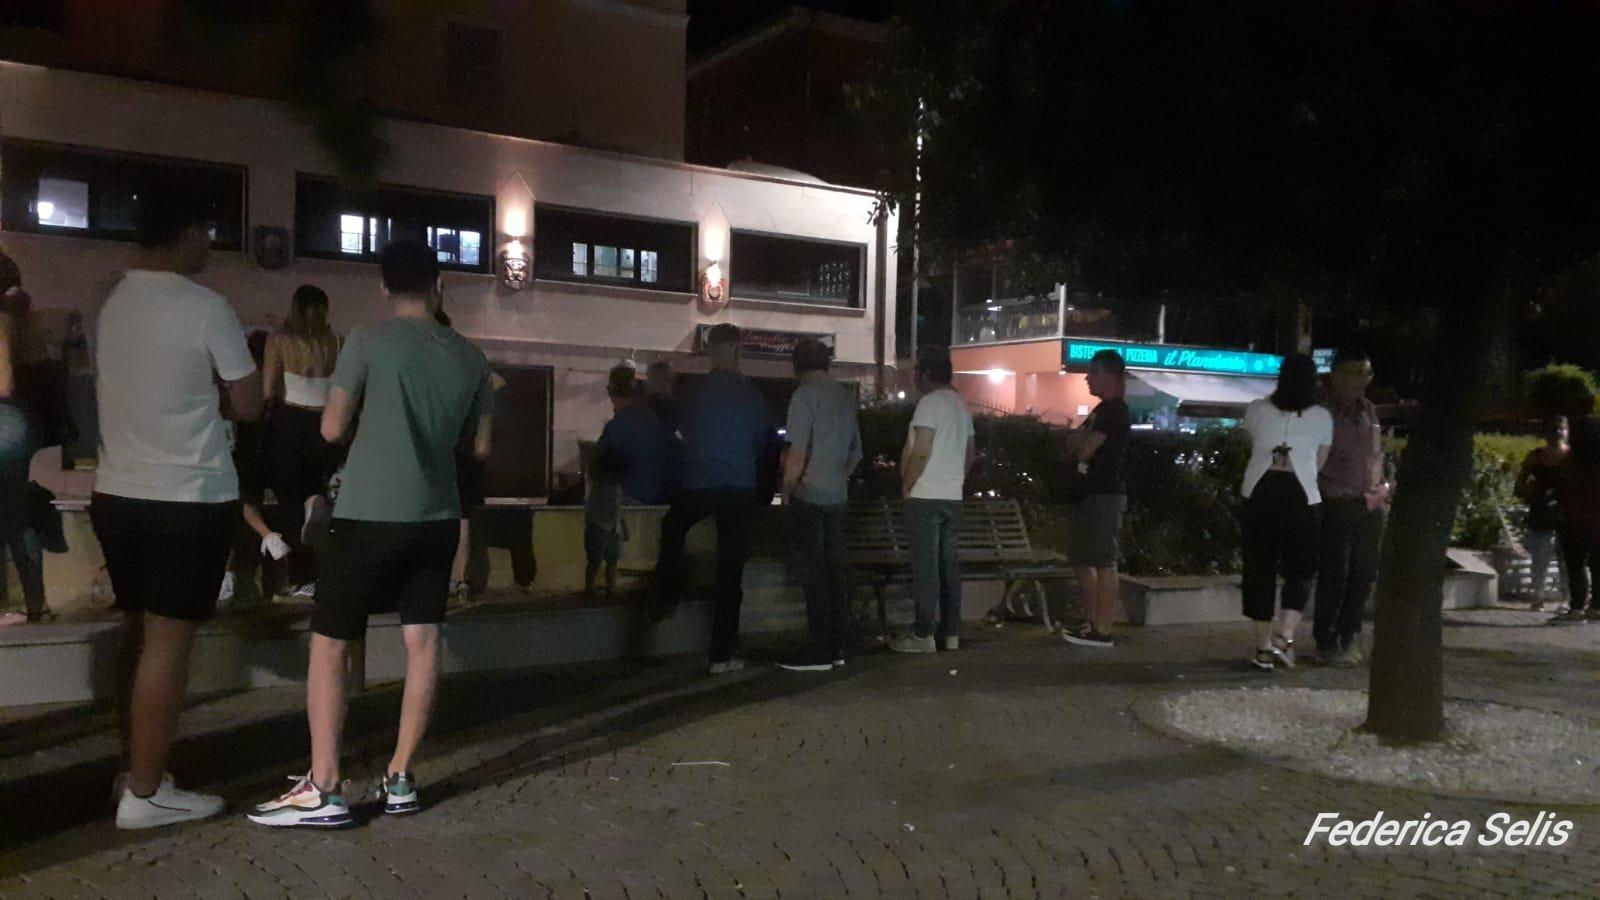 Tentata rapina la notte scorsa, in piazza Sella, a Iglesias – di Federica Selis